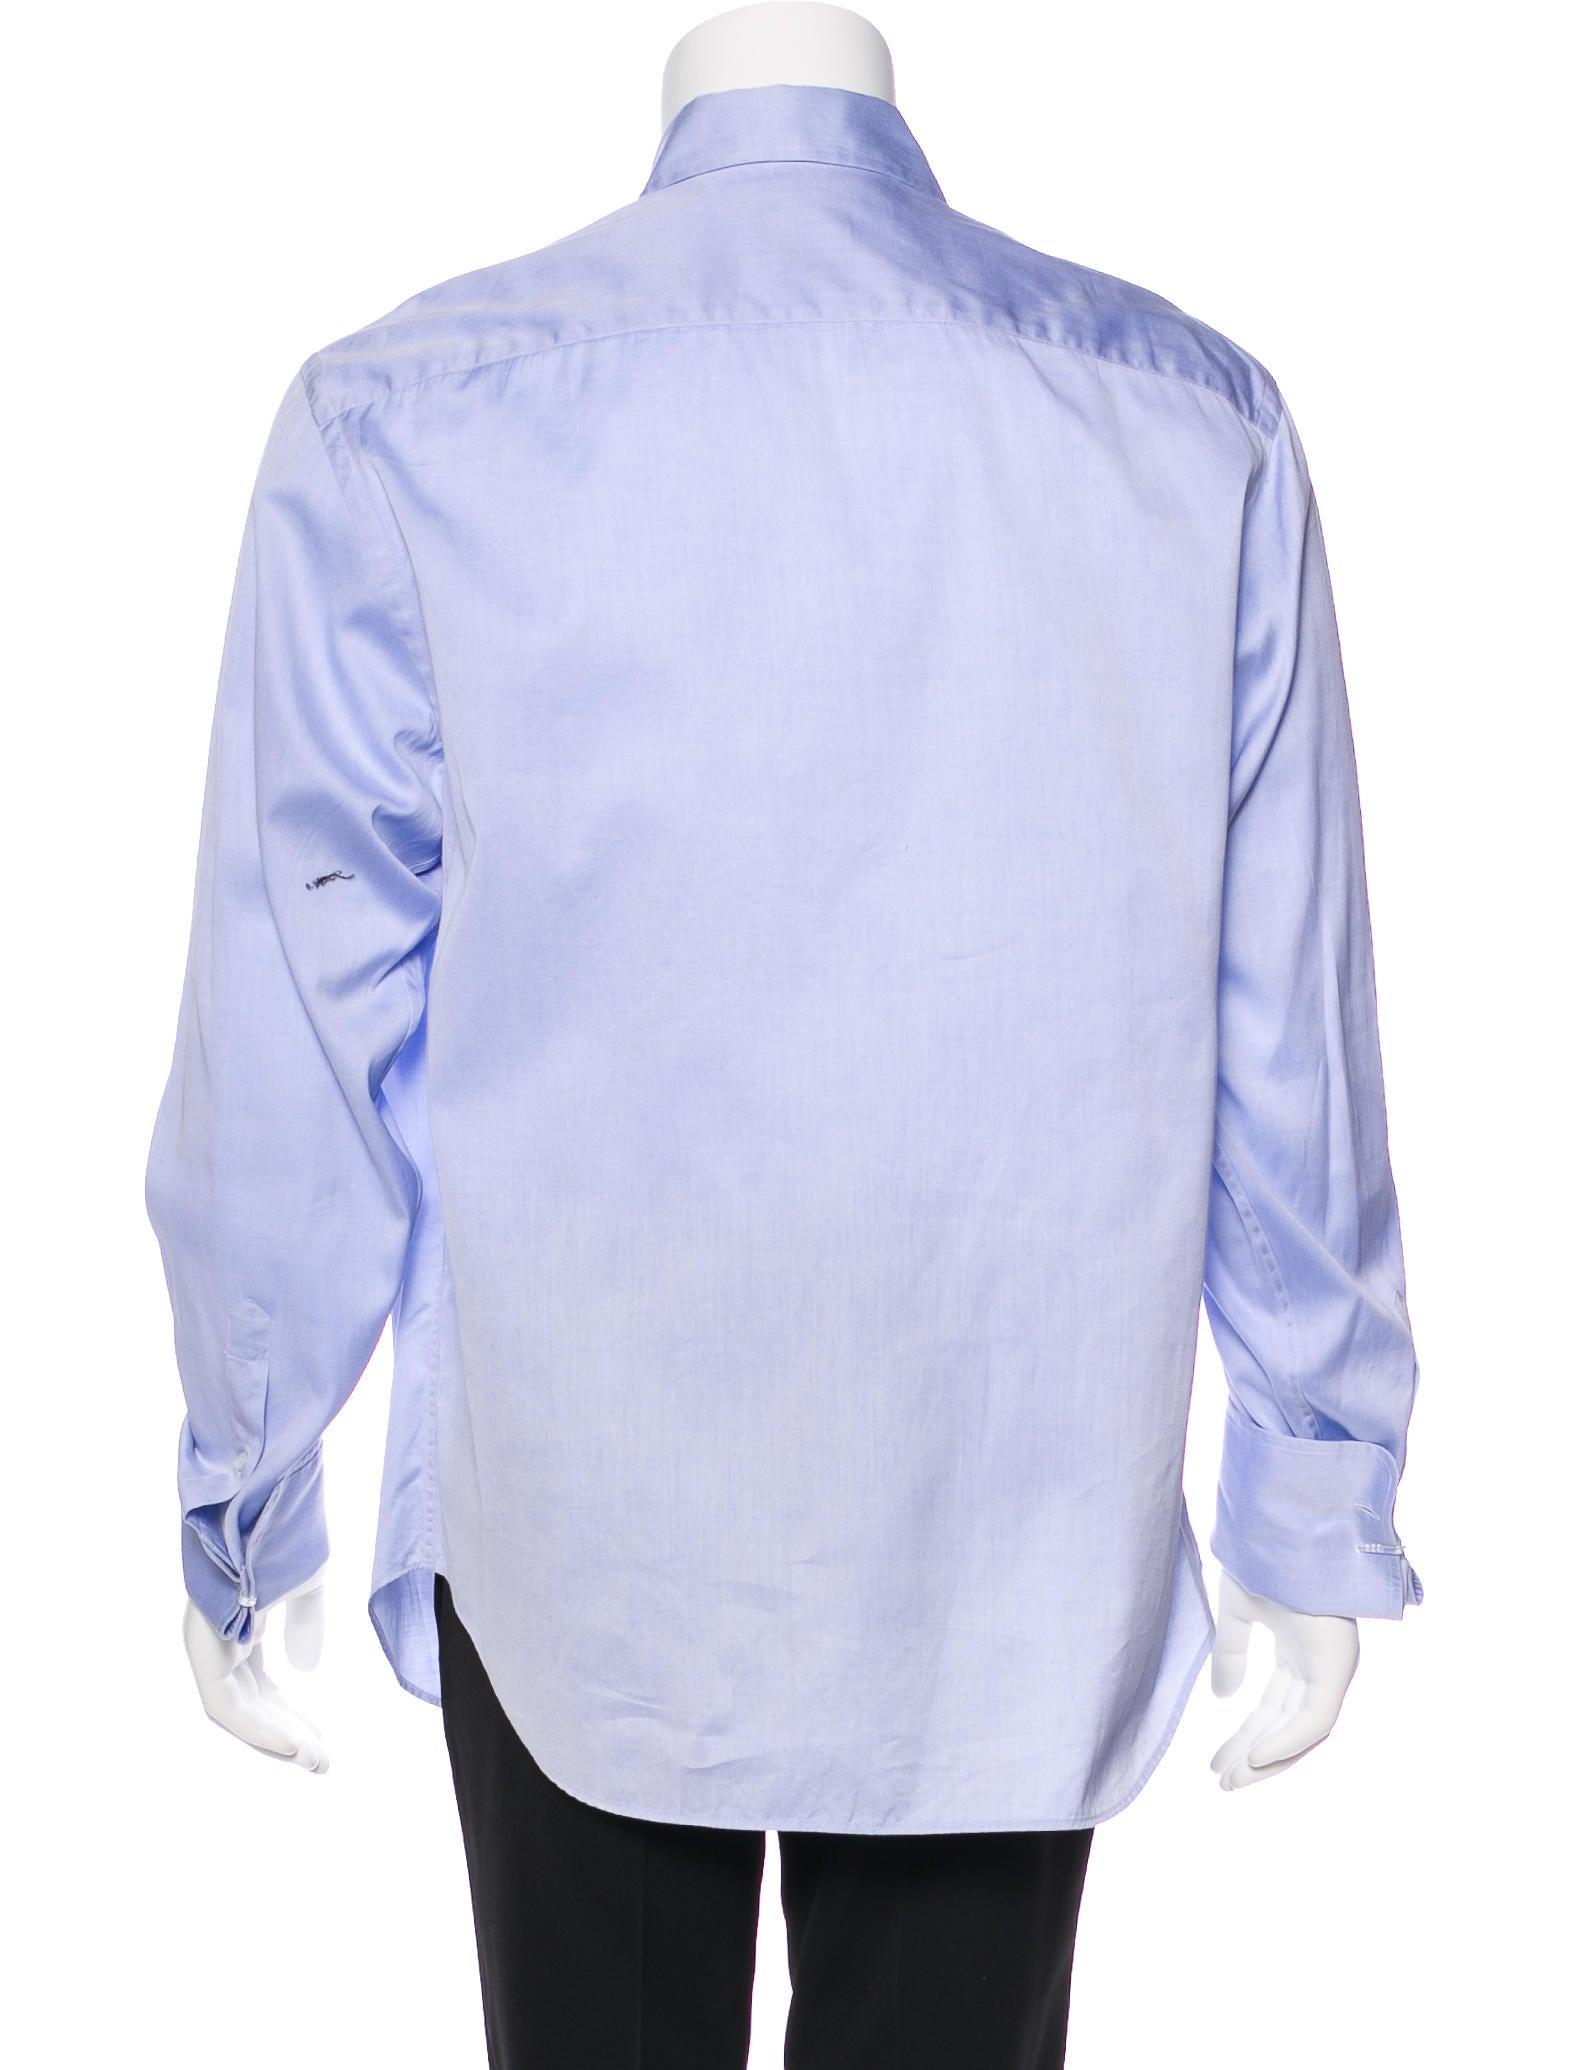 Giorgio Armani French Cuff Dress Shirt Clothing